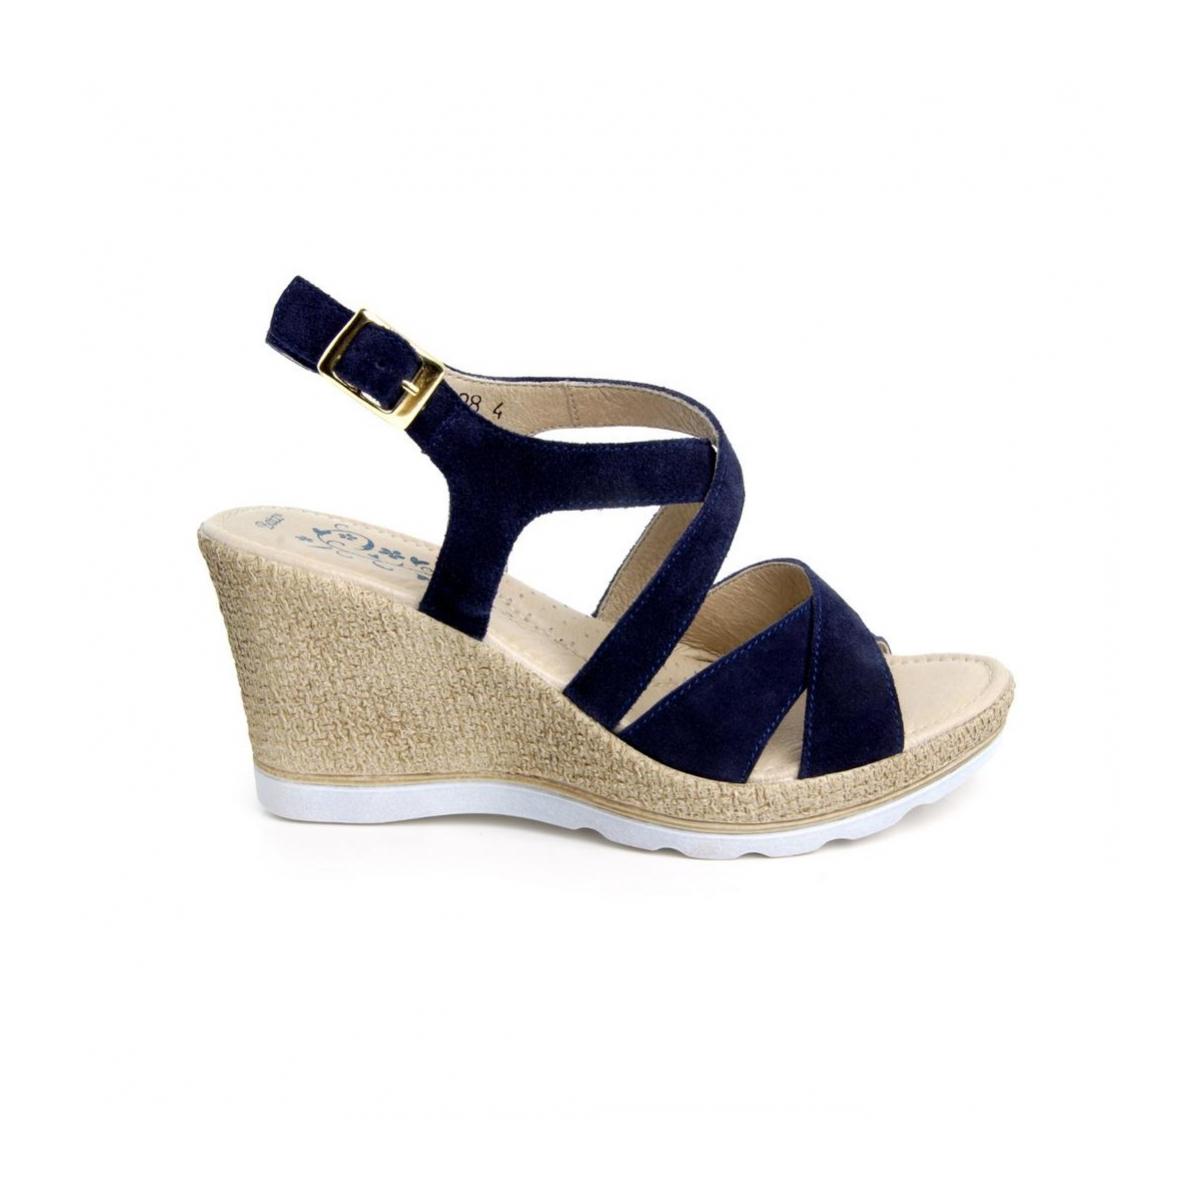 6c7c8d5813b8 Dámske kožené modré sandále LUCIA - 4